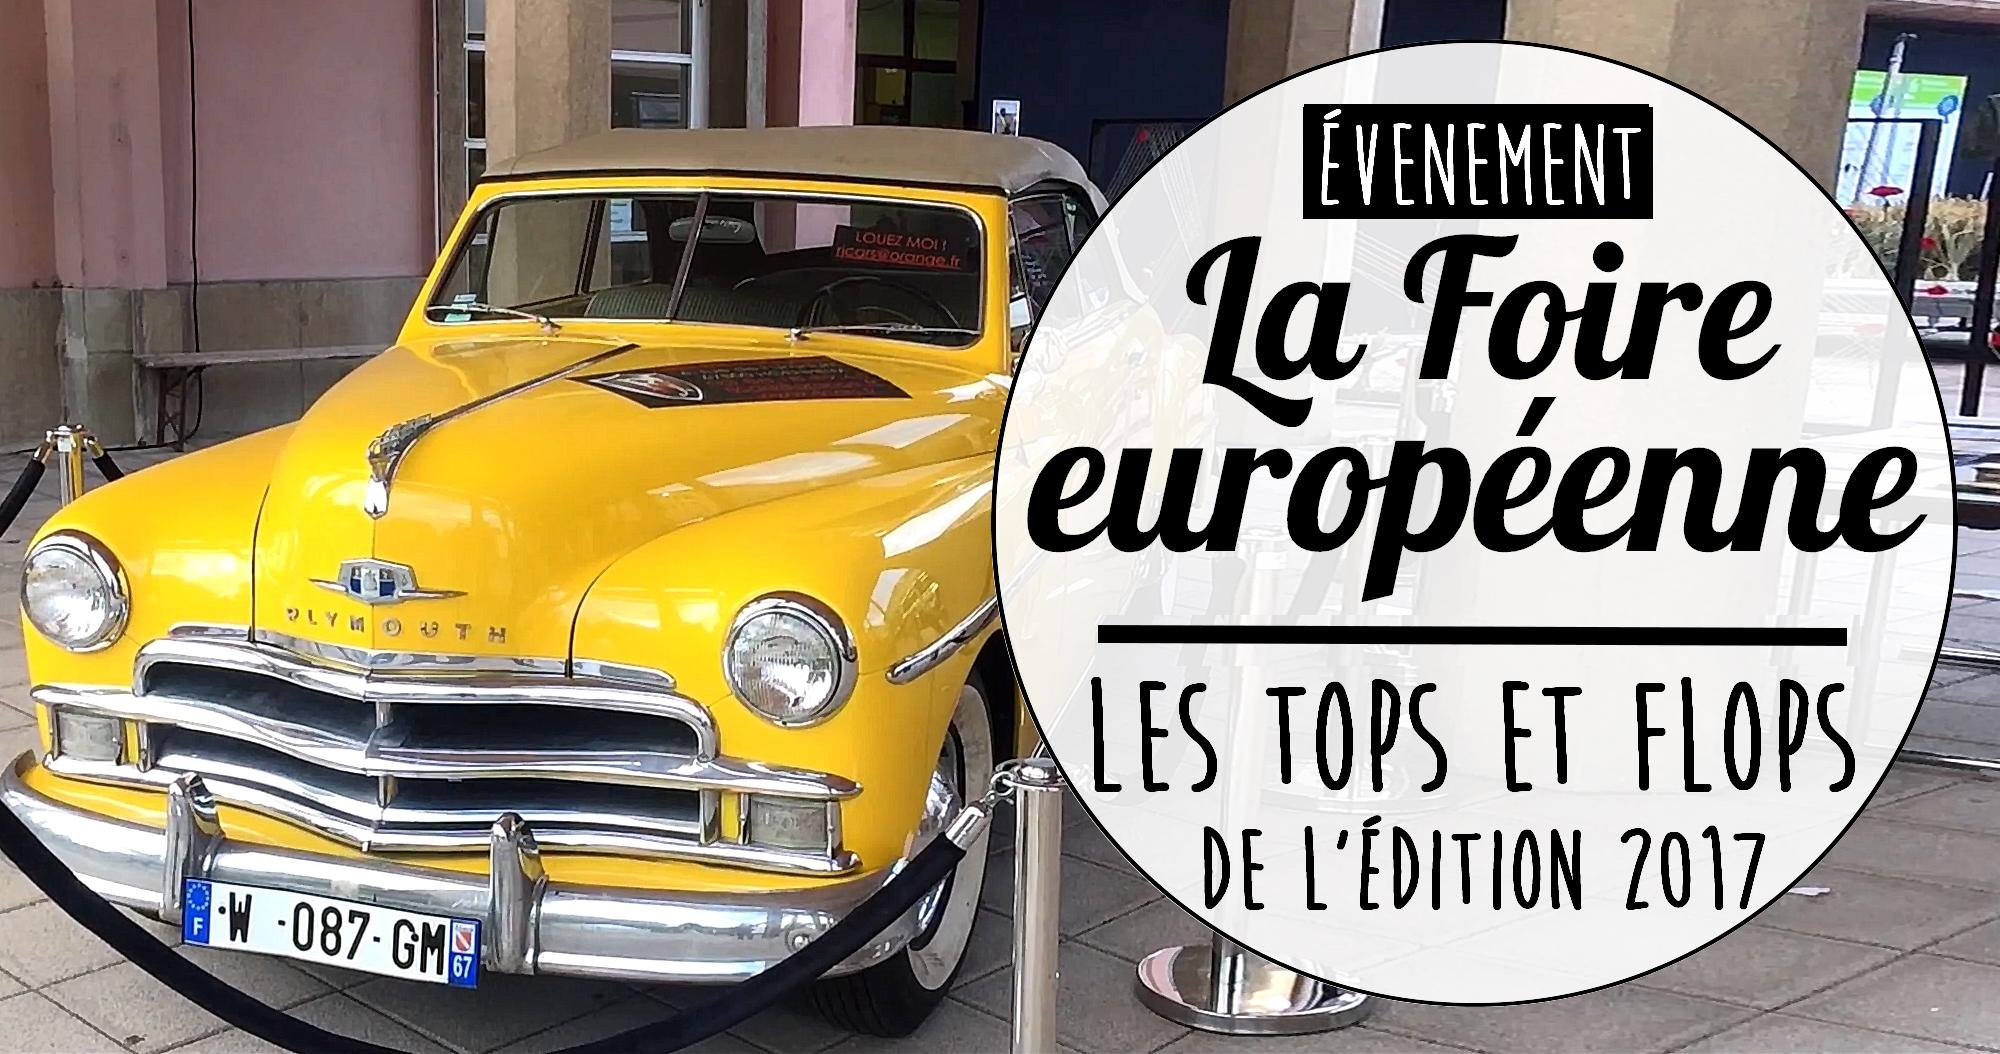 Débriefing : les tops et les flops de la Foire Européenne 2017